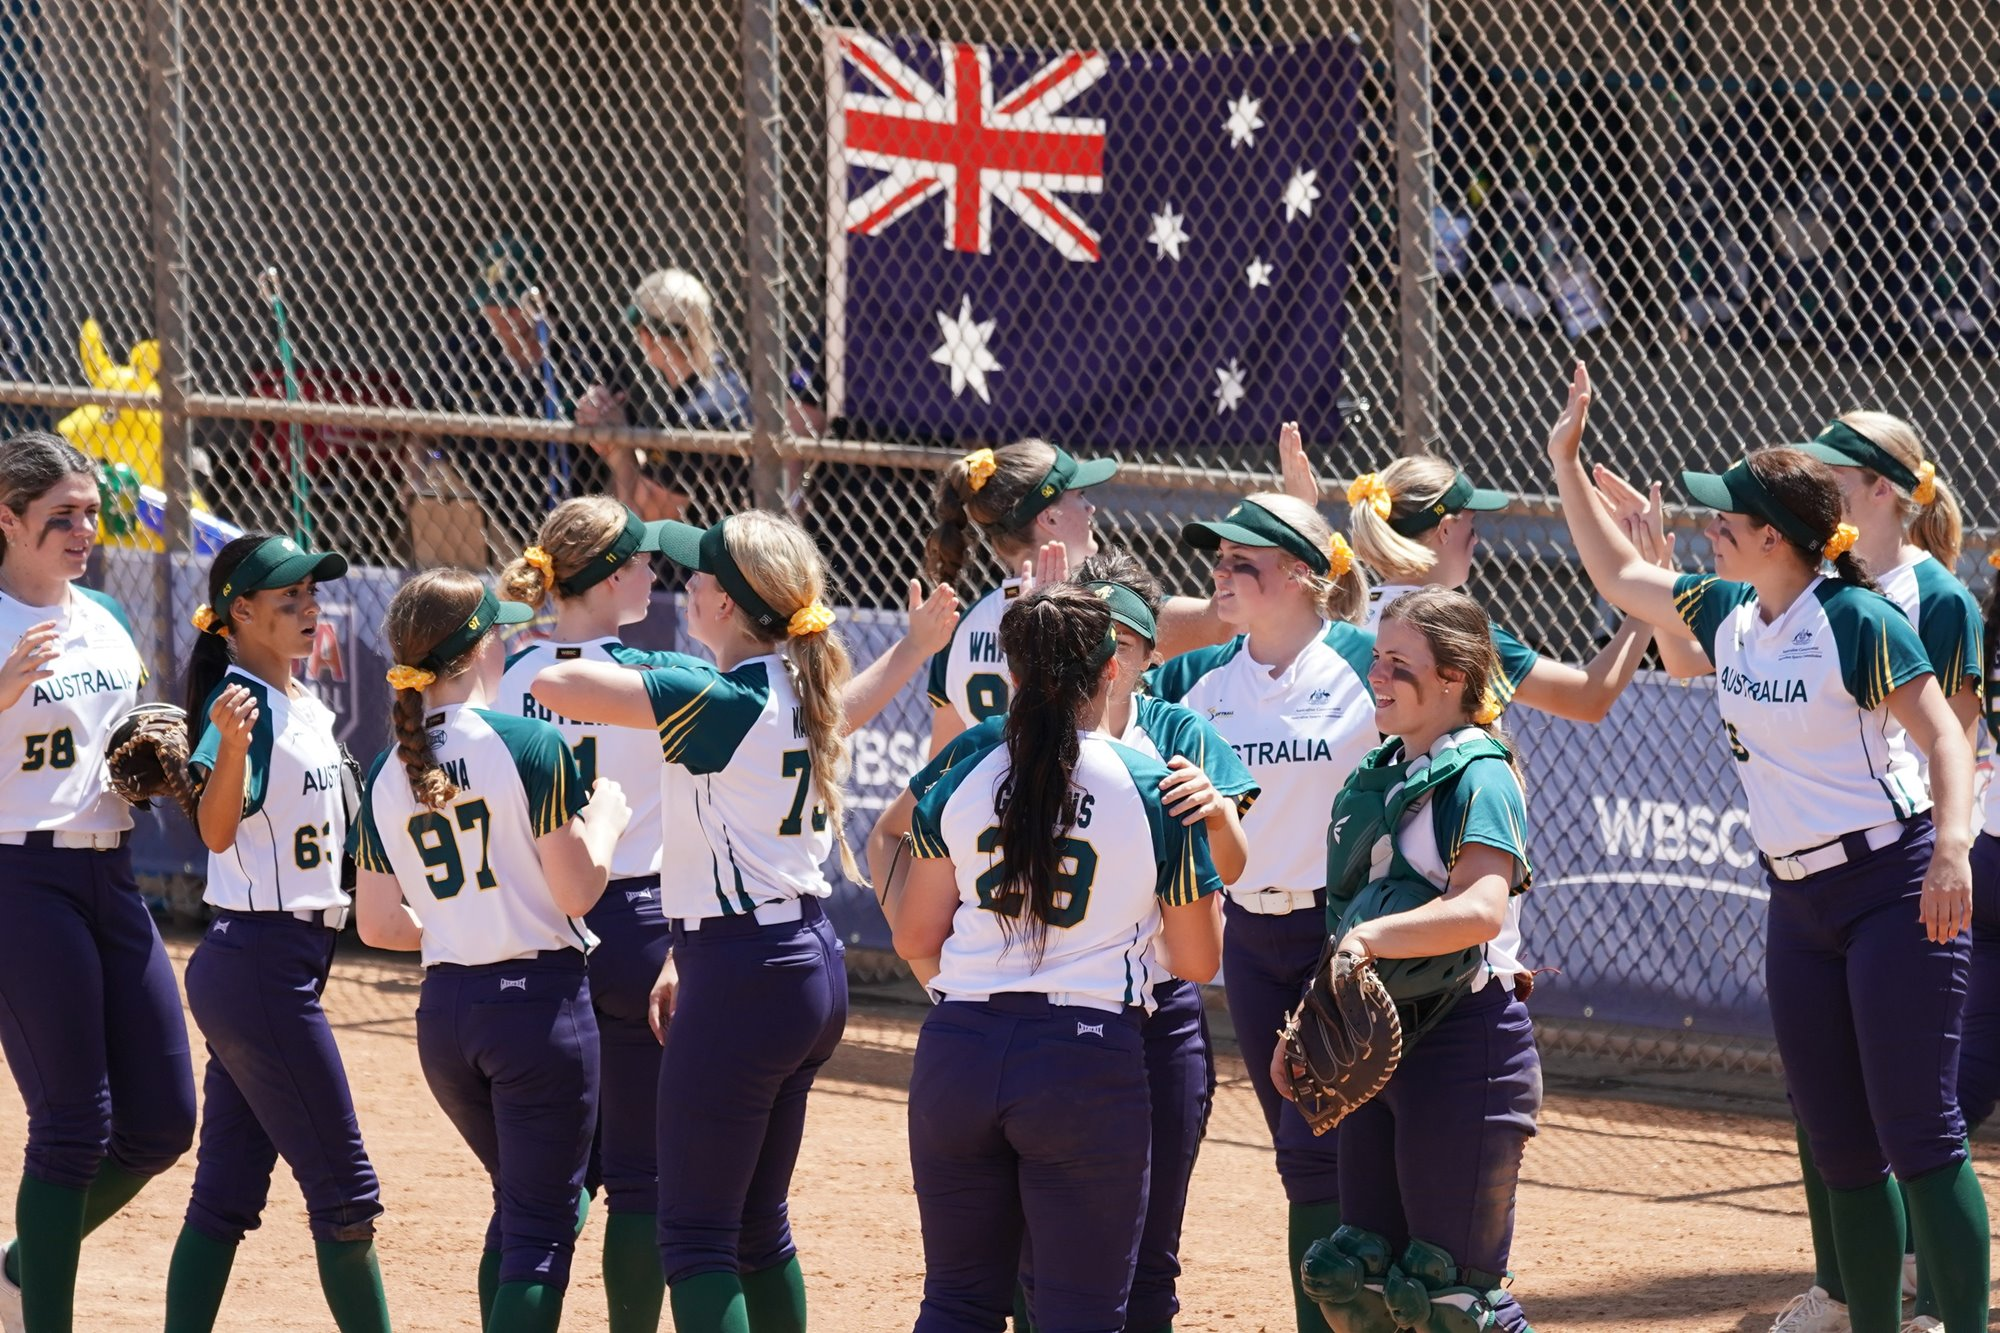 Australia won it in four